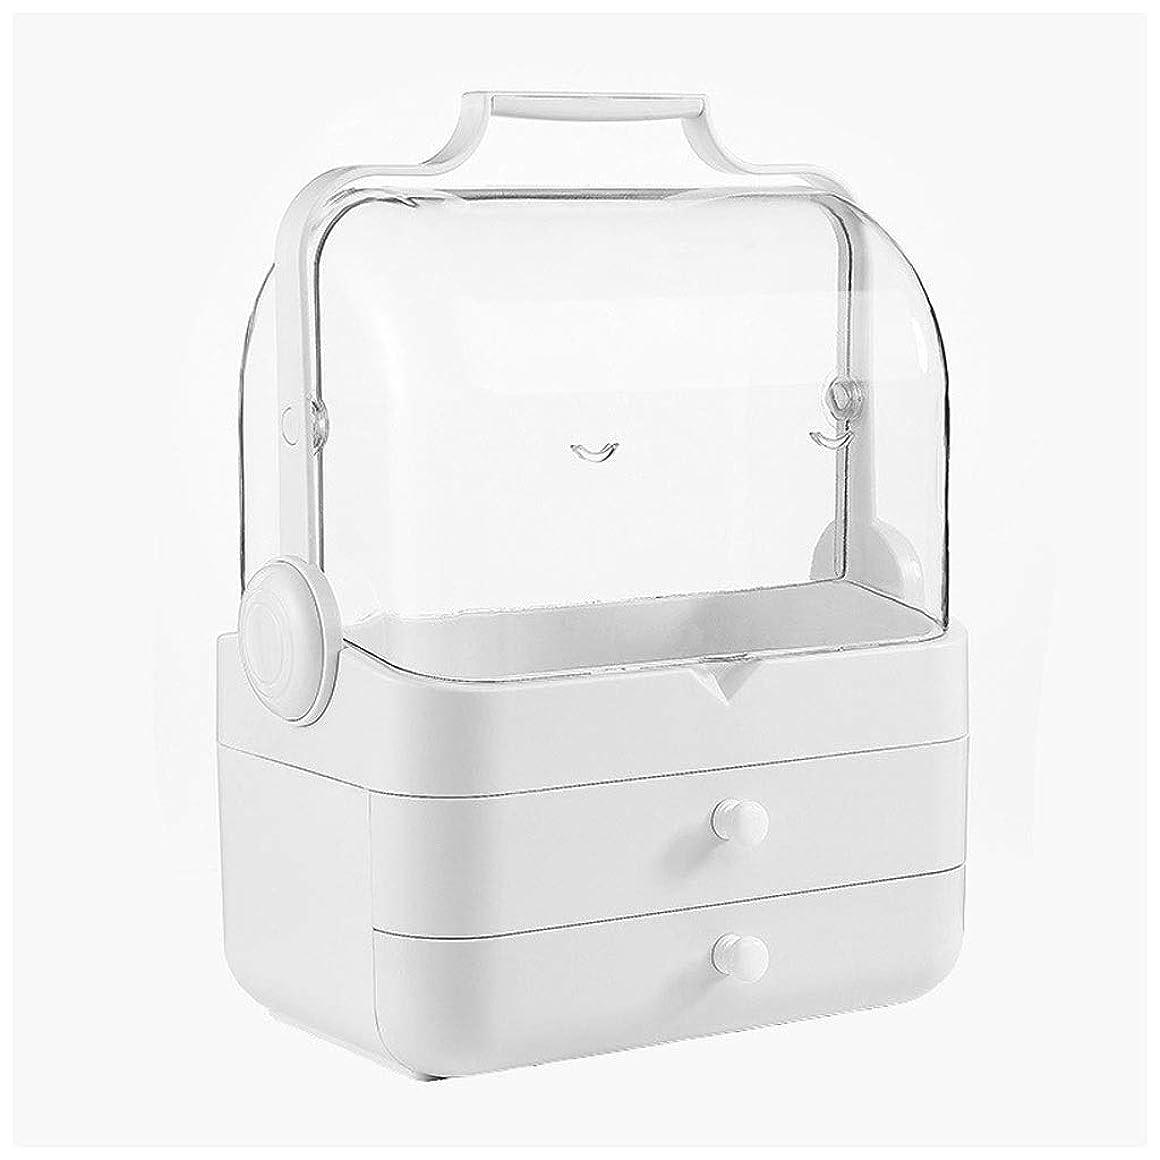 ヘビージュース支給LDG クリア 化粧品収納ボックス、プラスチック ポータブル 大容量 引き出し 蓋 防水 防塵 メイクケース (Color : B)